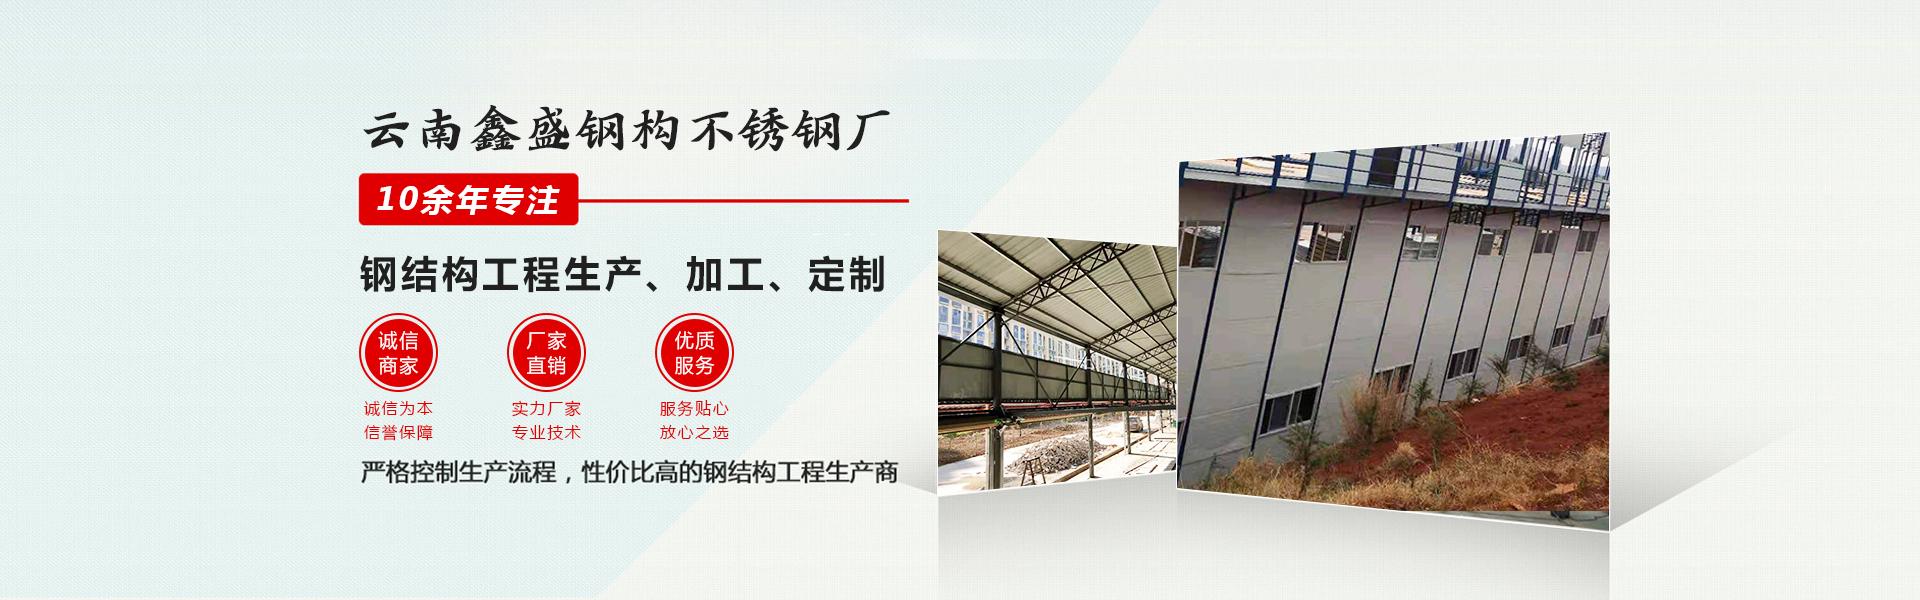 云南鑫盛钢构不锈钢厂